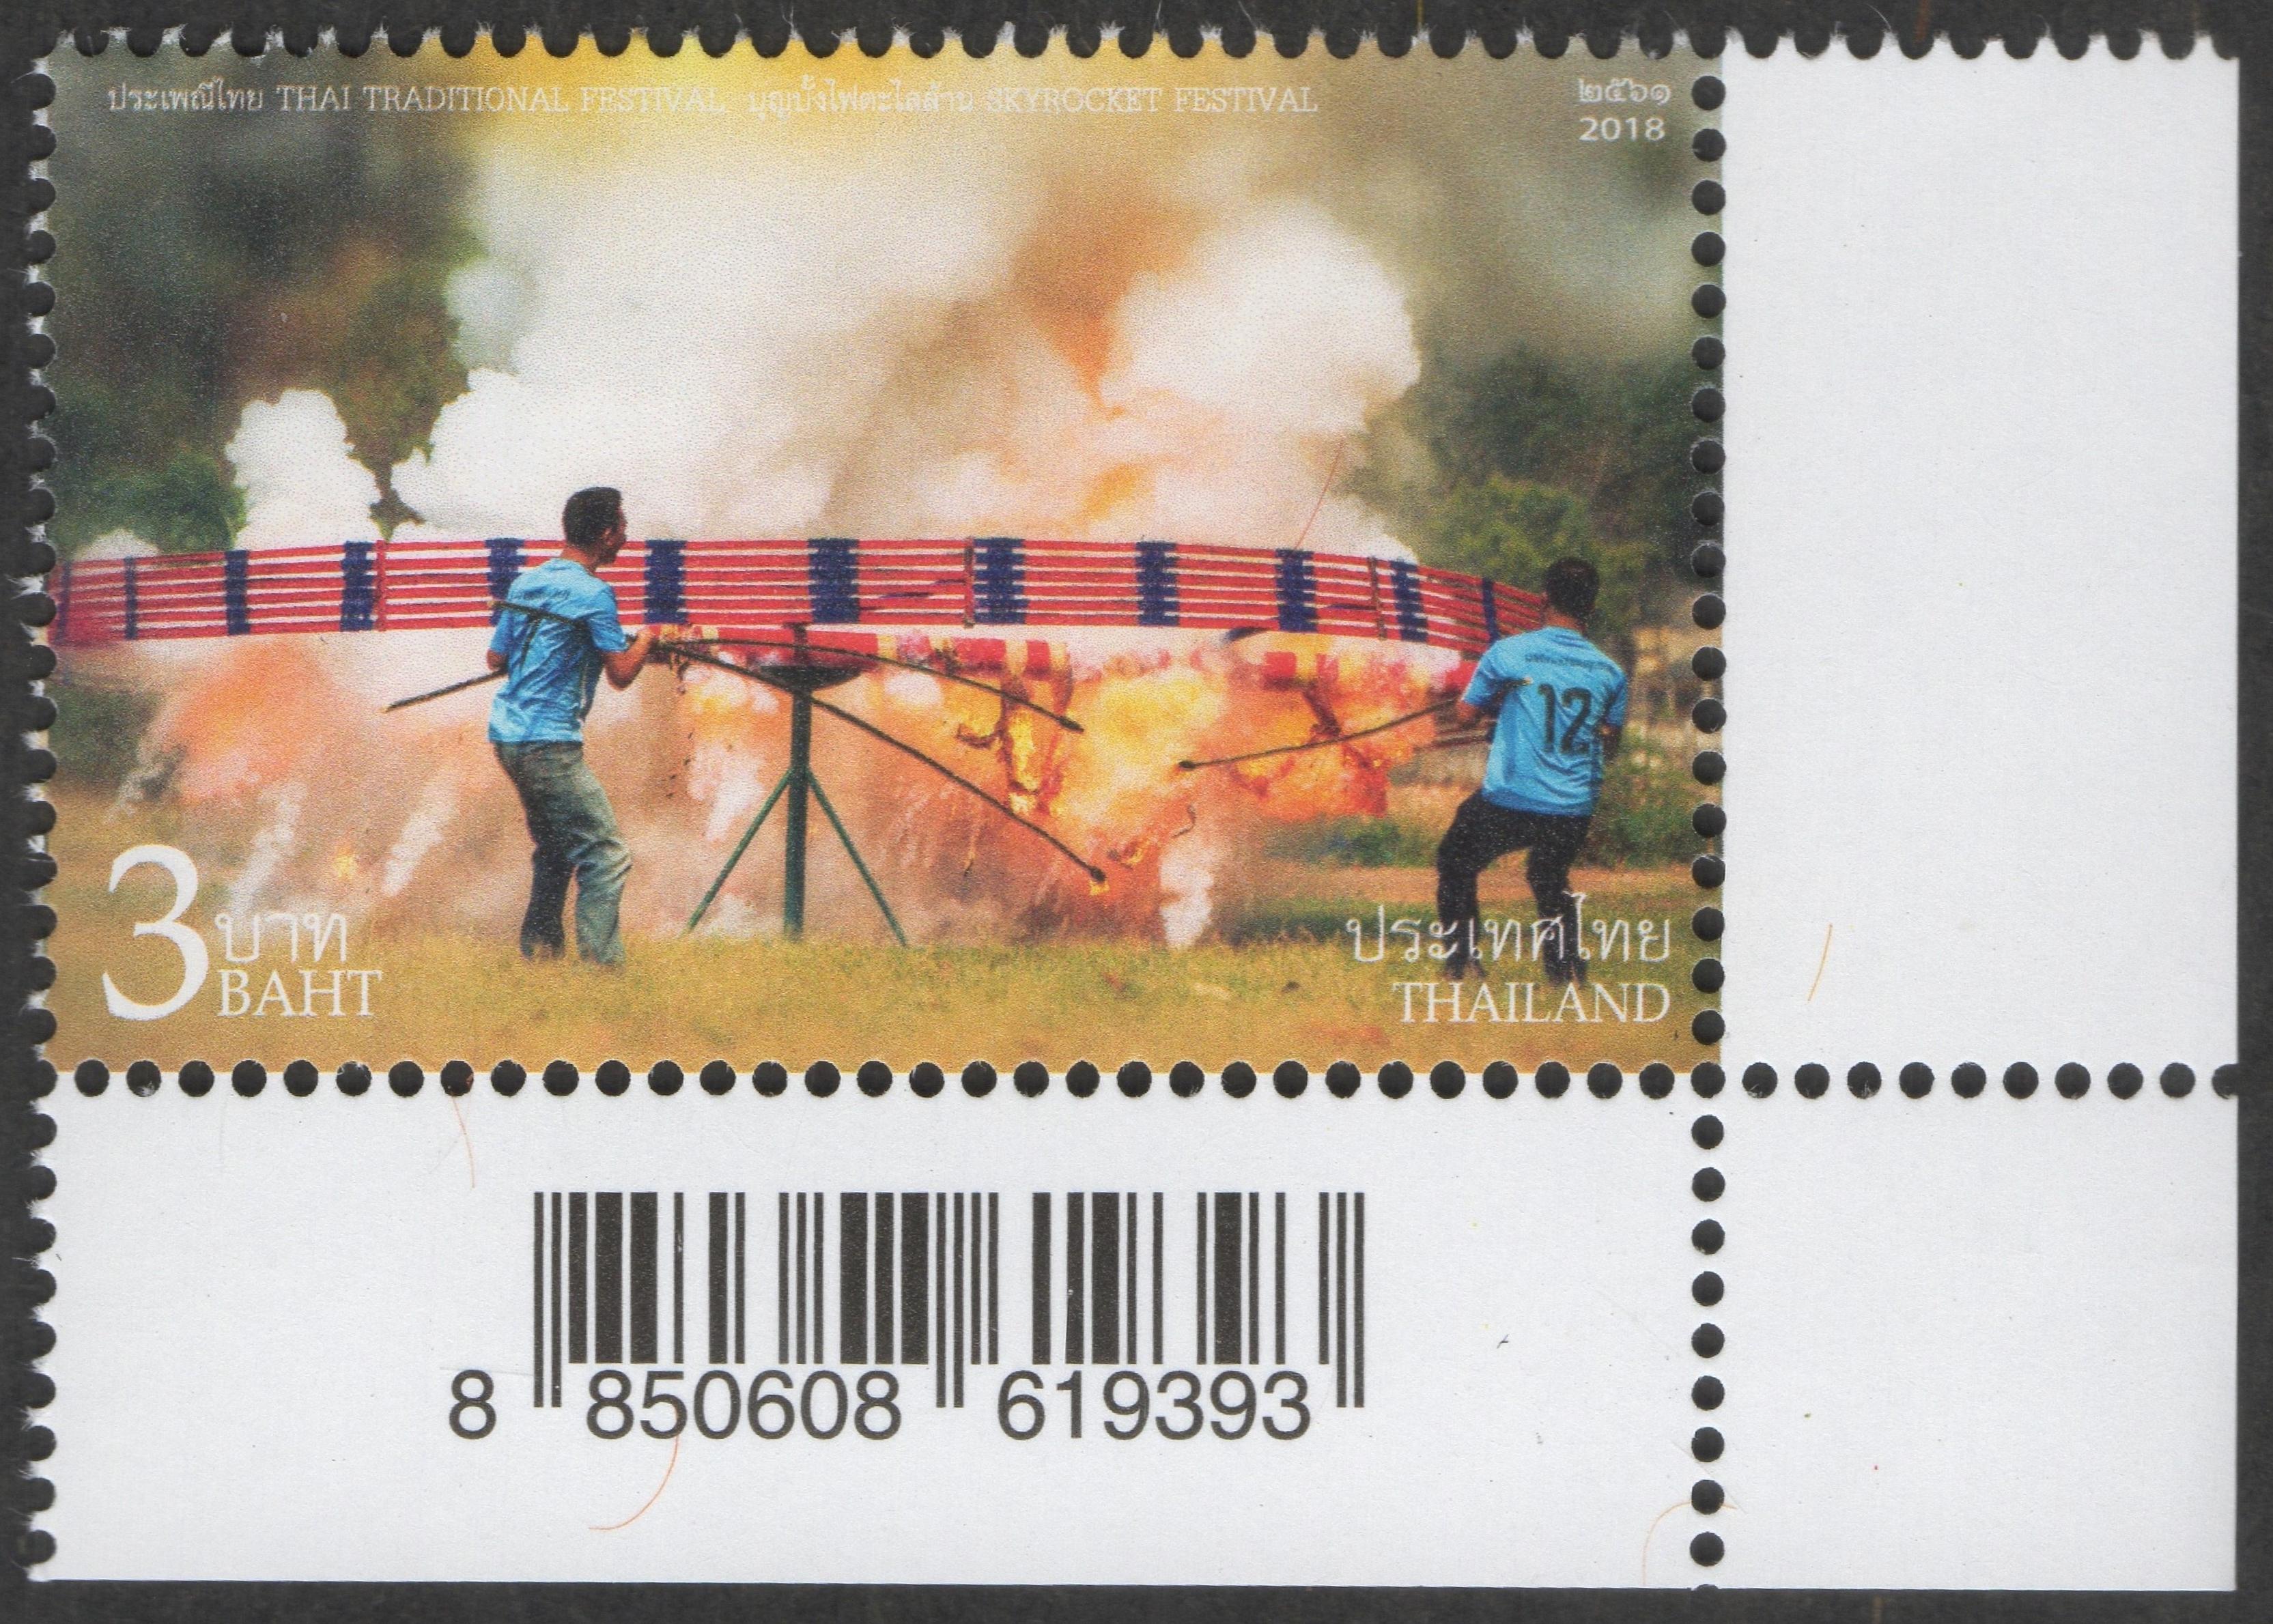 Thailand - Thailand Post #TH-1145 (2018) - Design #4: Launching a Bang Fai,